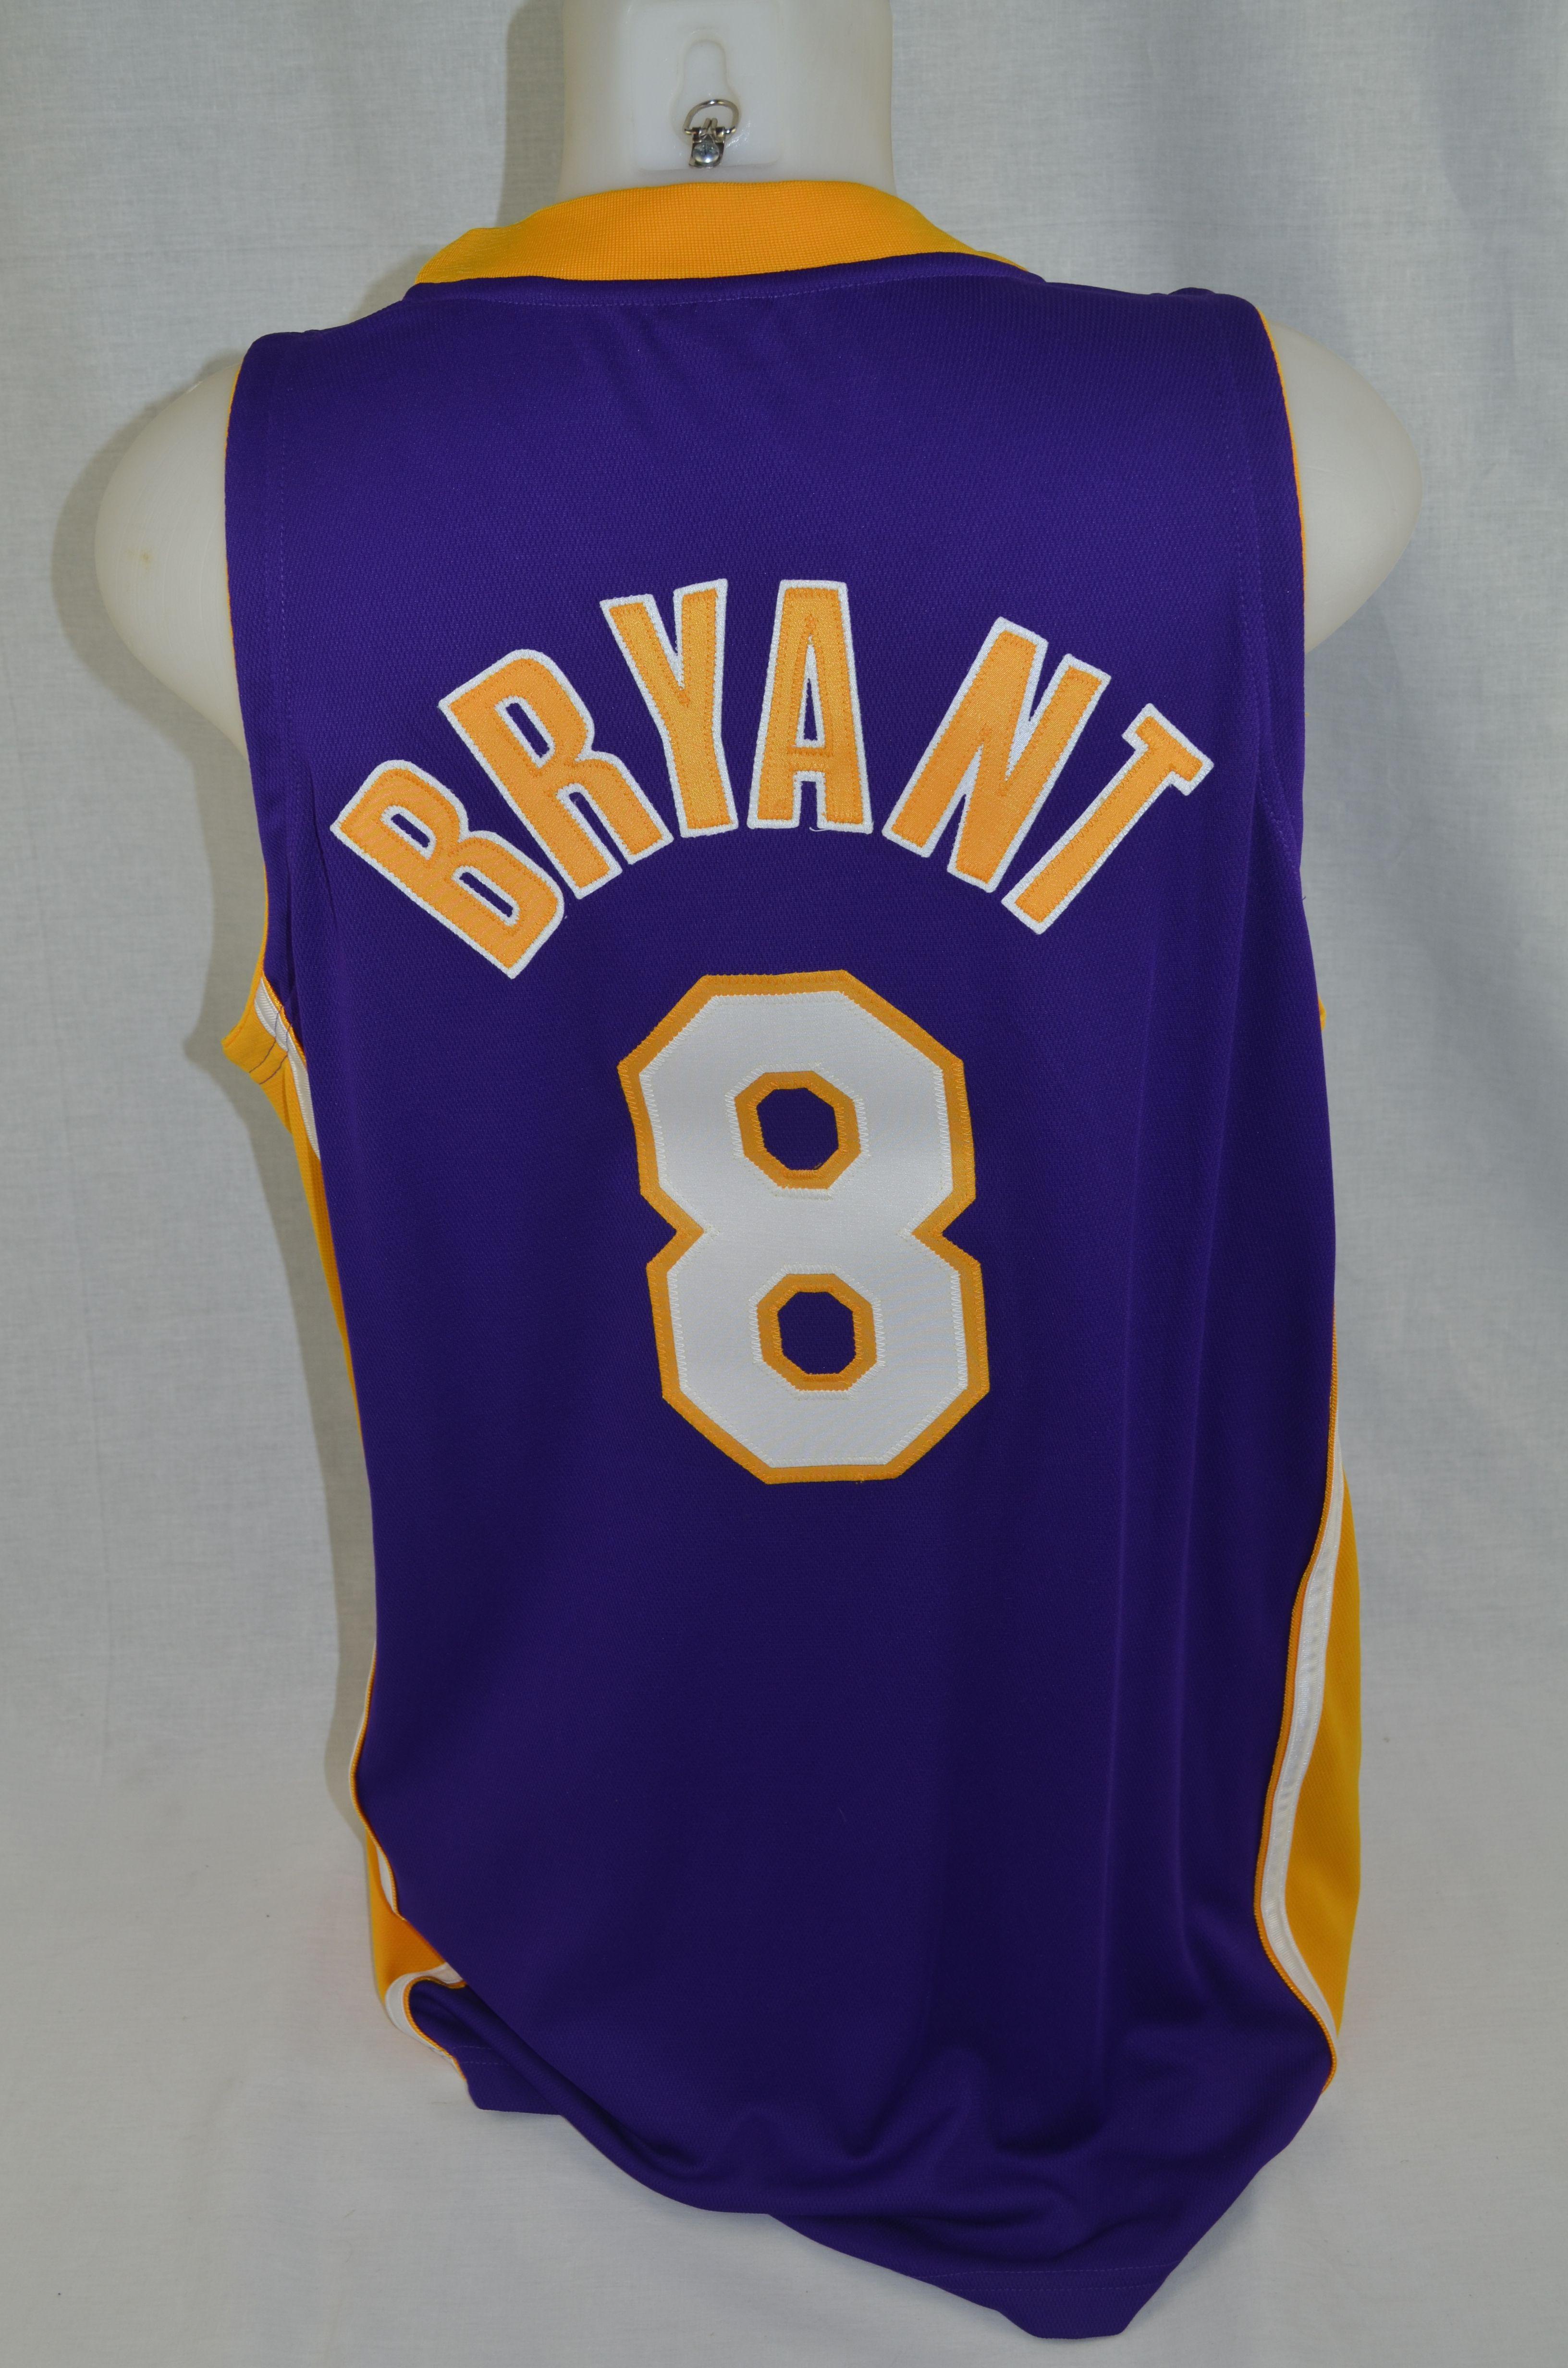 premium selection 3c68a a41ec Lot Detail - Kobe Bryant 2001 Autographed Los Angeles Lakers ...